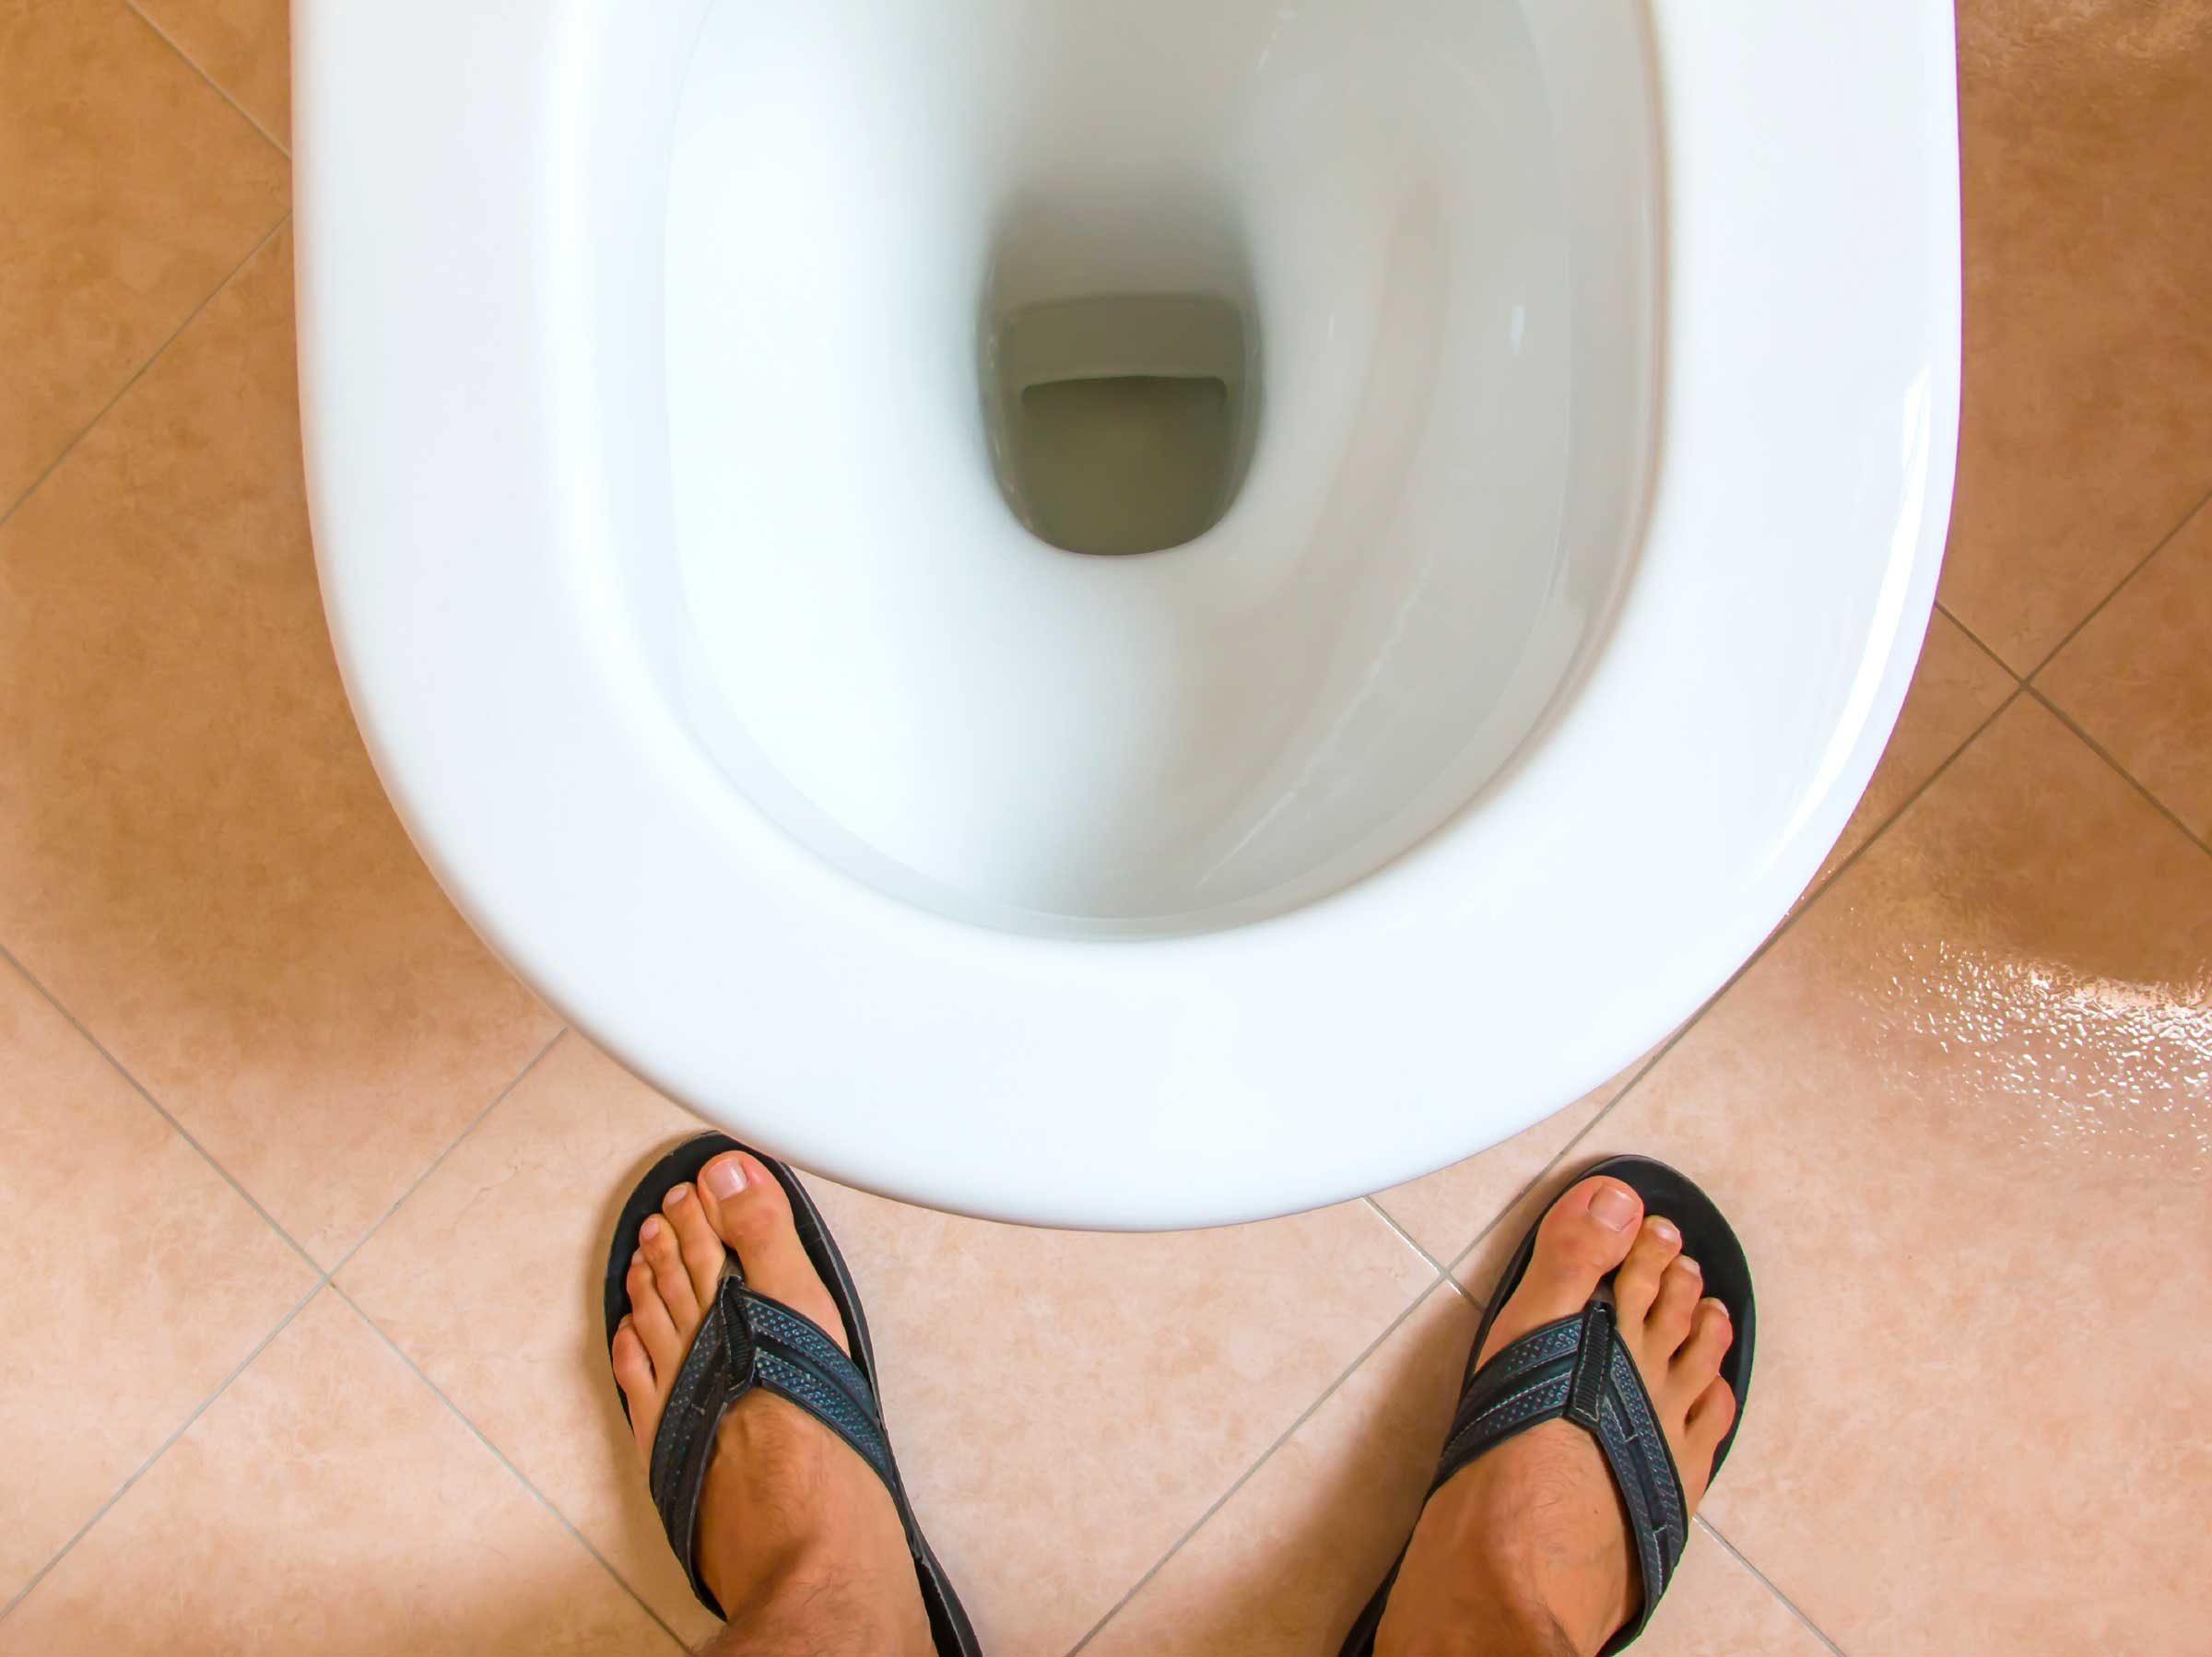 bladder problems solved tips for a healthy bladder reader 39 s digest. Black Bedroom Furniture Sets. Home Design Ideas